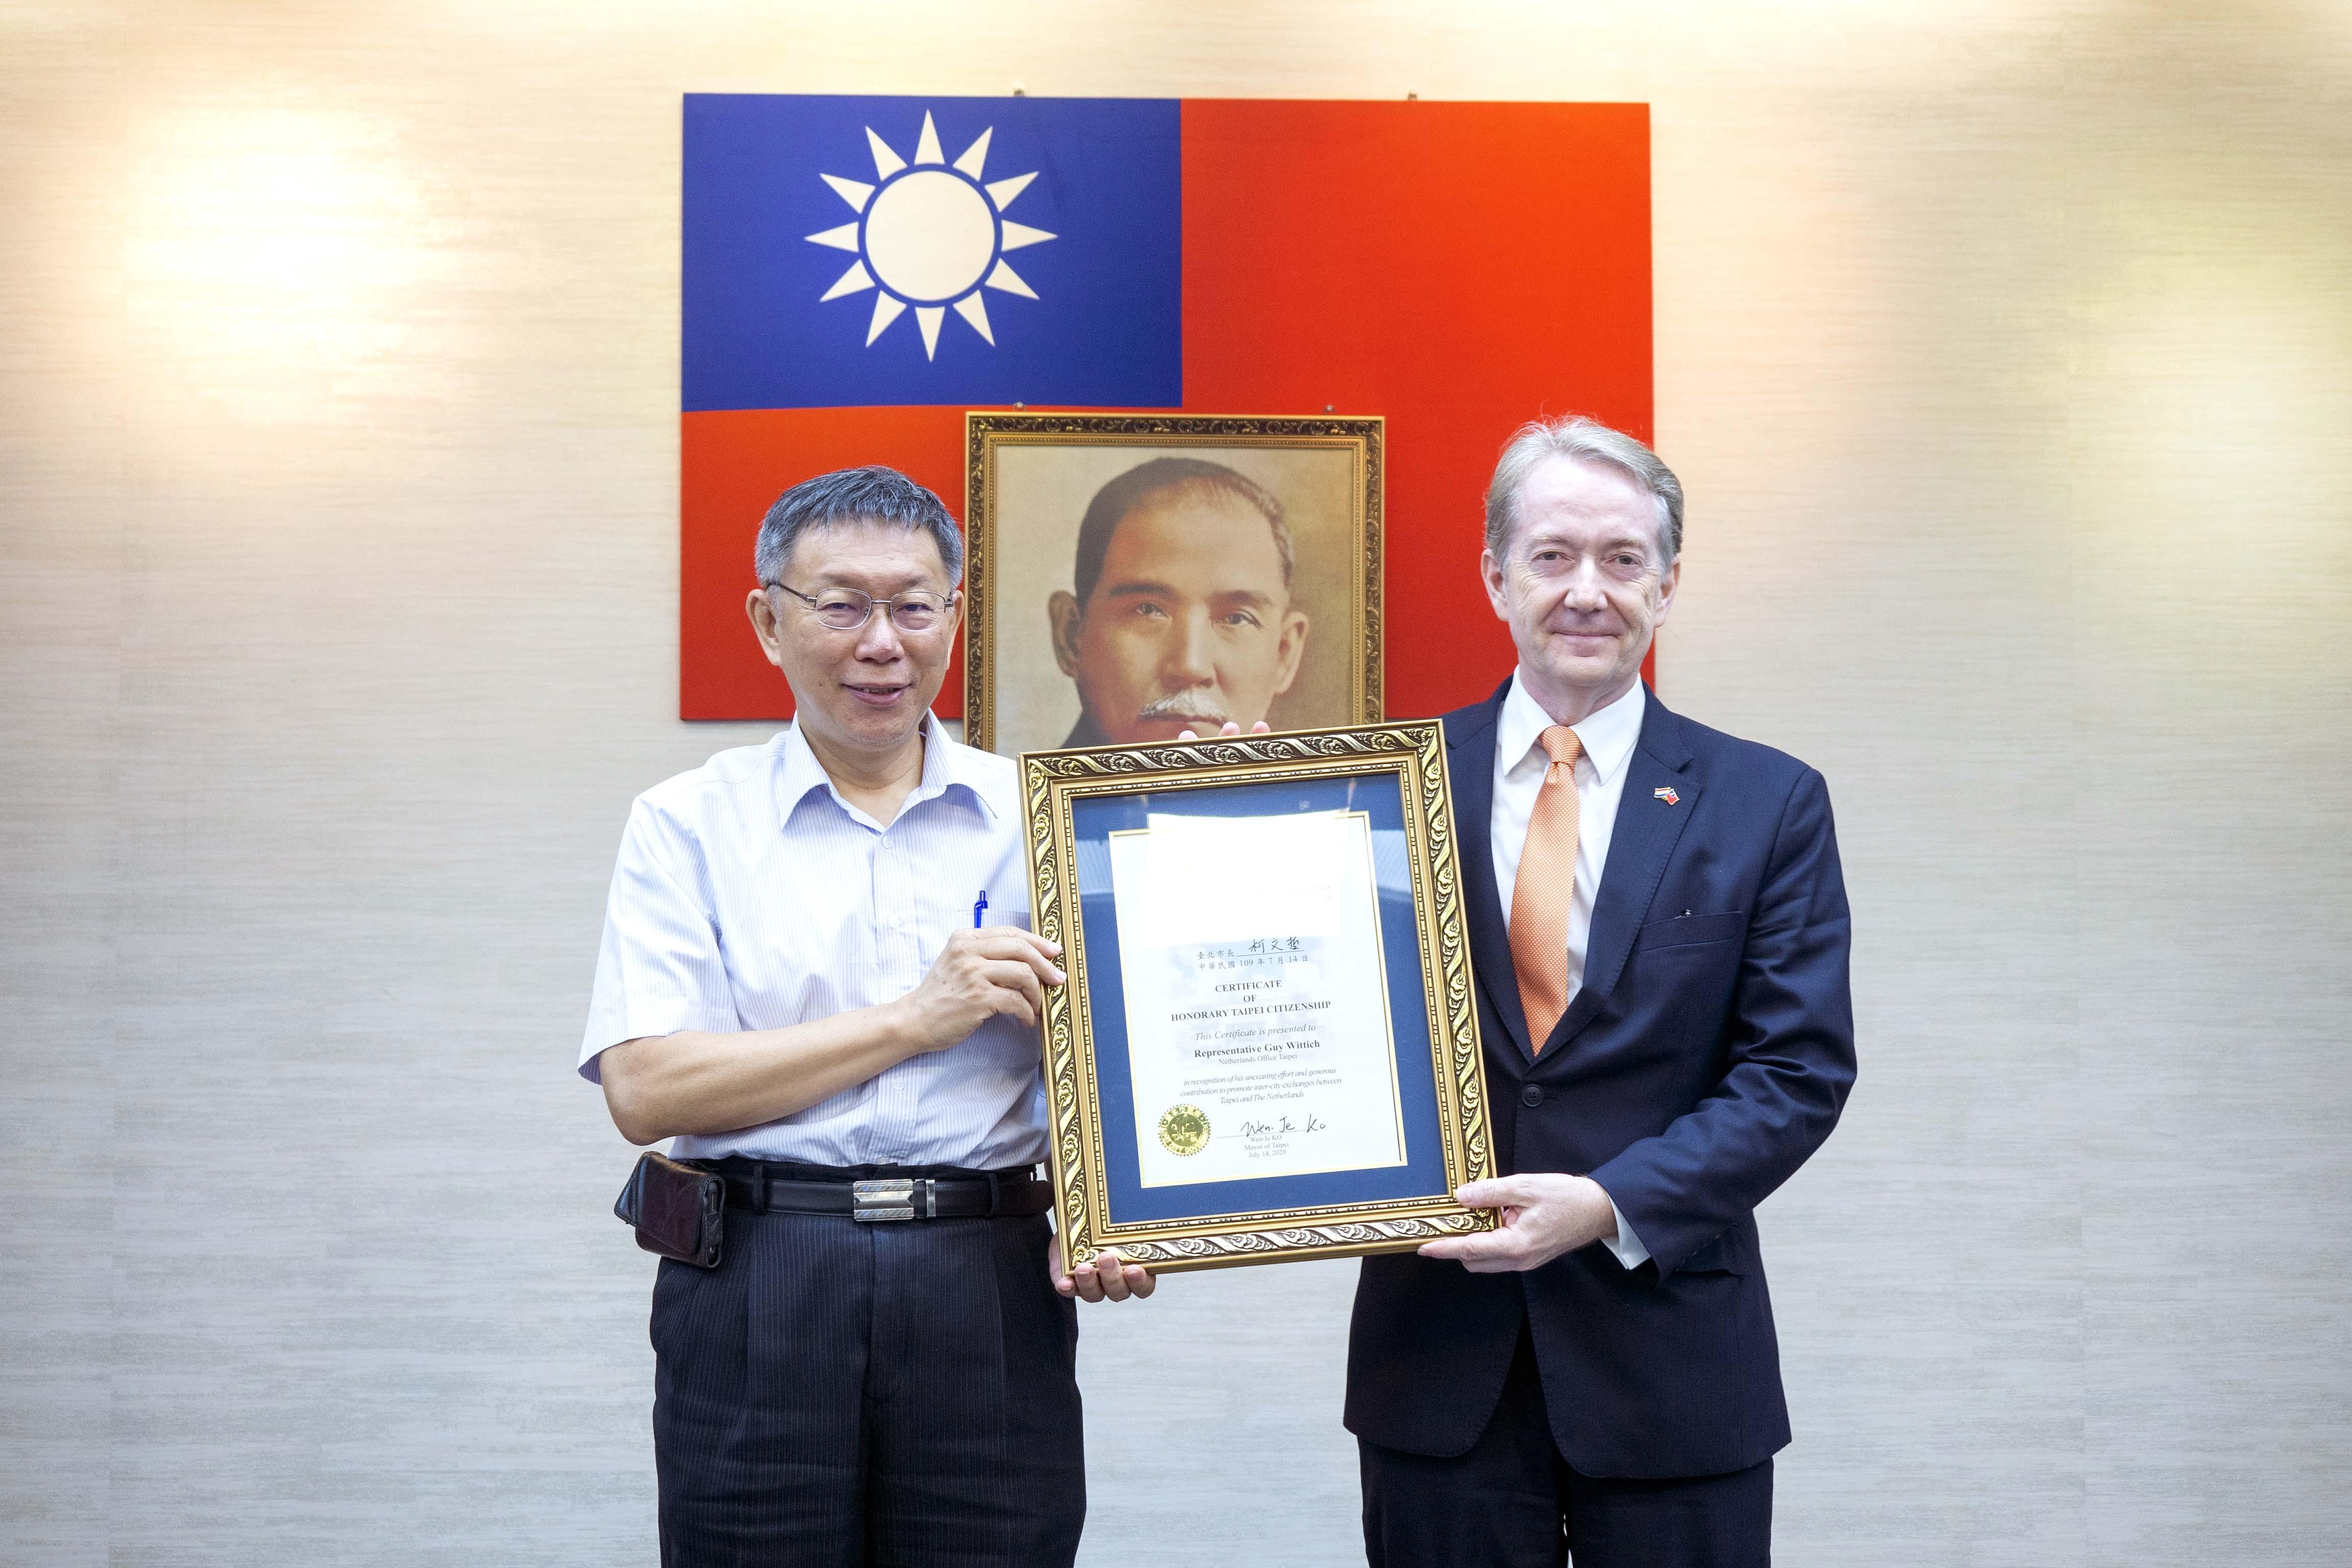 1090714_市長頒贈「臺北市榮譽市民狀」予荷蘭在台辦事處代表紀維德